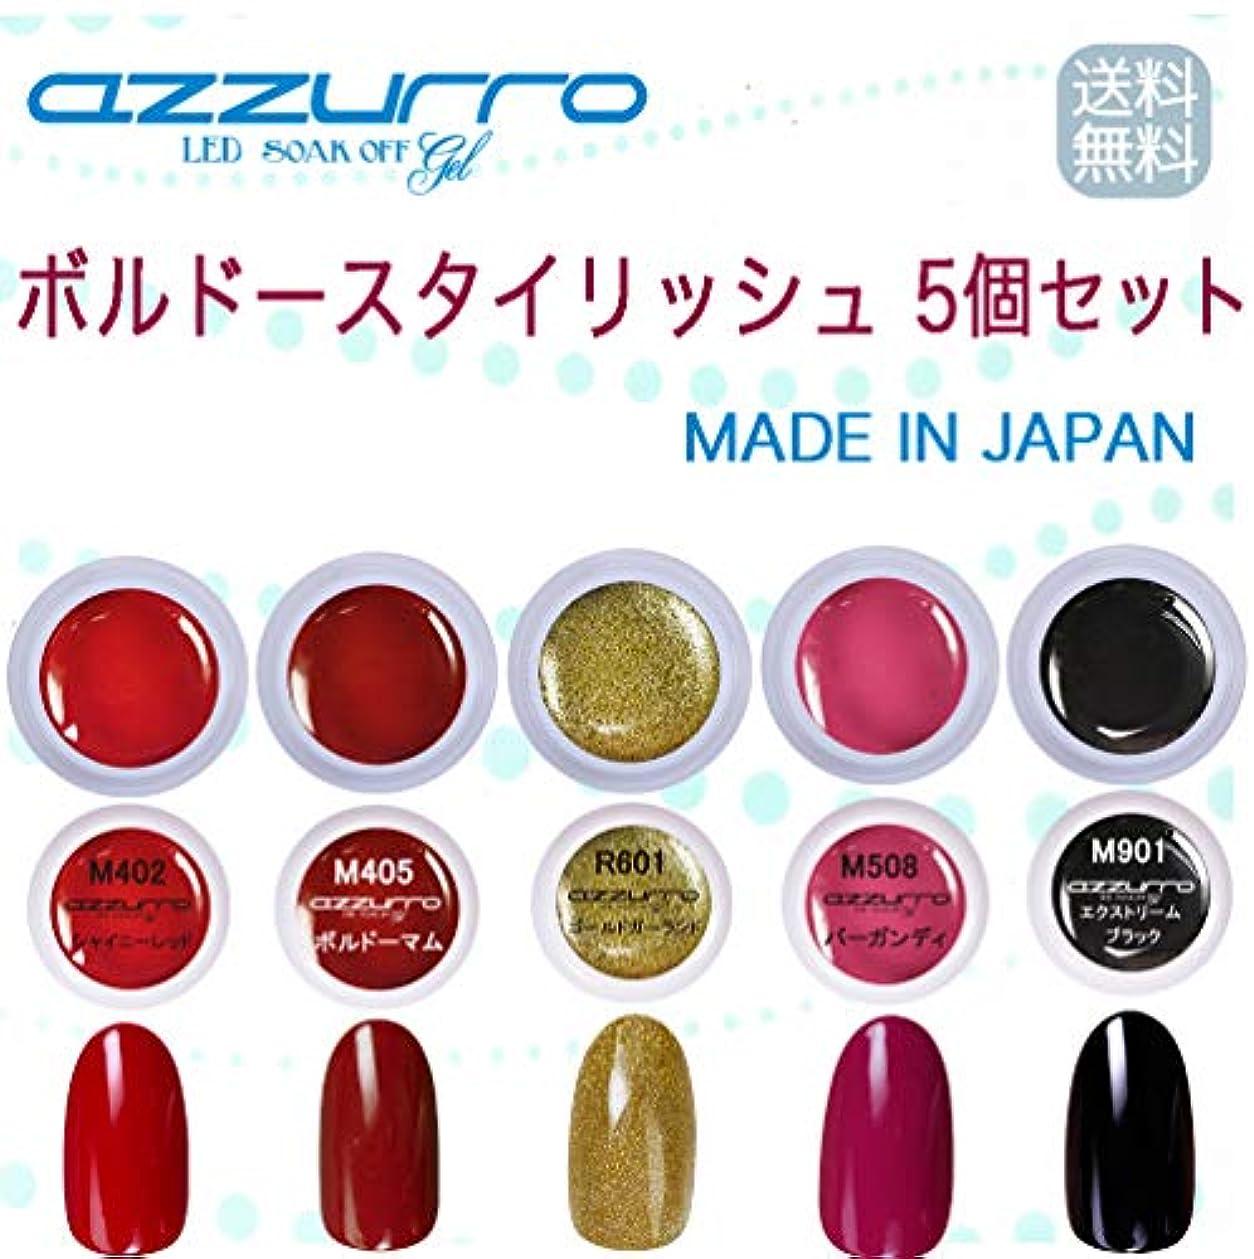 広告する耐えられる素朴な【送料無料】日本製 azzurro gel ボルドースタイリッシュカラージェル5個セット ネイルアートのマストカラーボルドーとブラックをセット